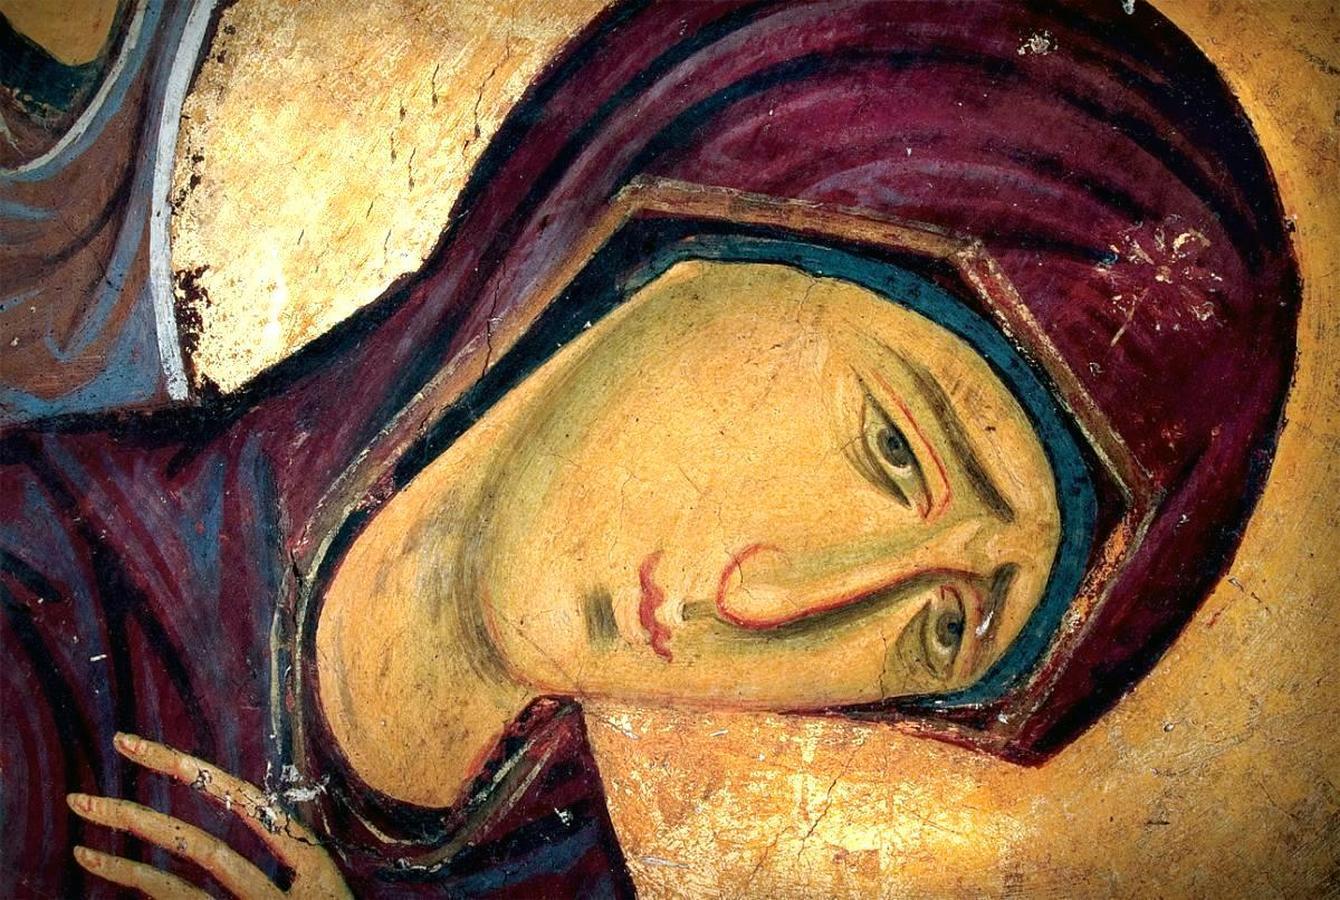 Распятие Господне. Фреска церкви Богородицы в монастыре Студеница, Сербия. 1208 - 1209 годы. Фрагмент. Пресвятая Богородица.